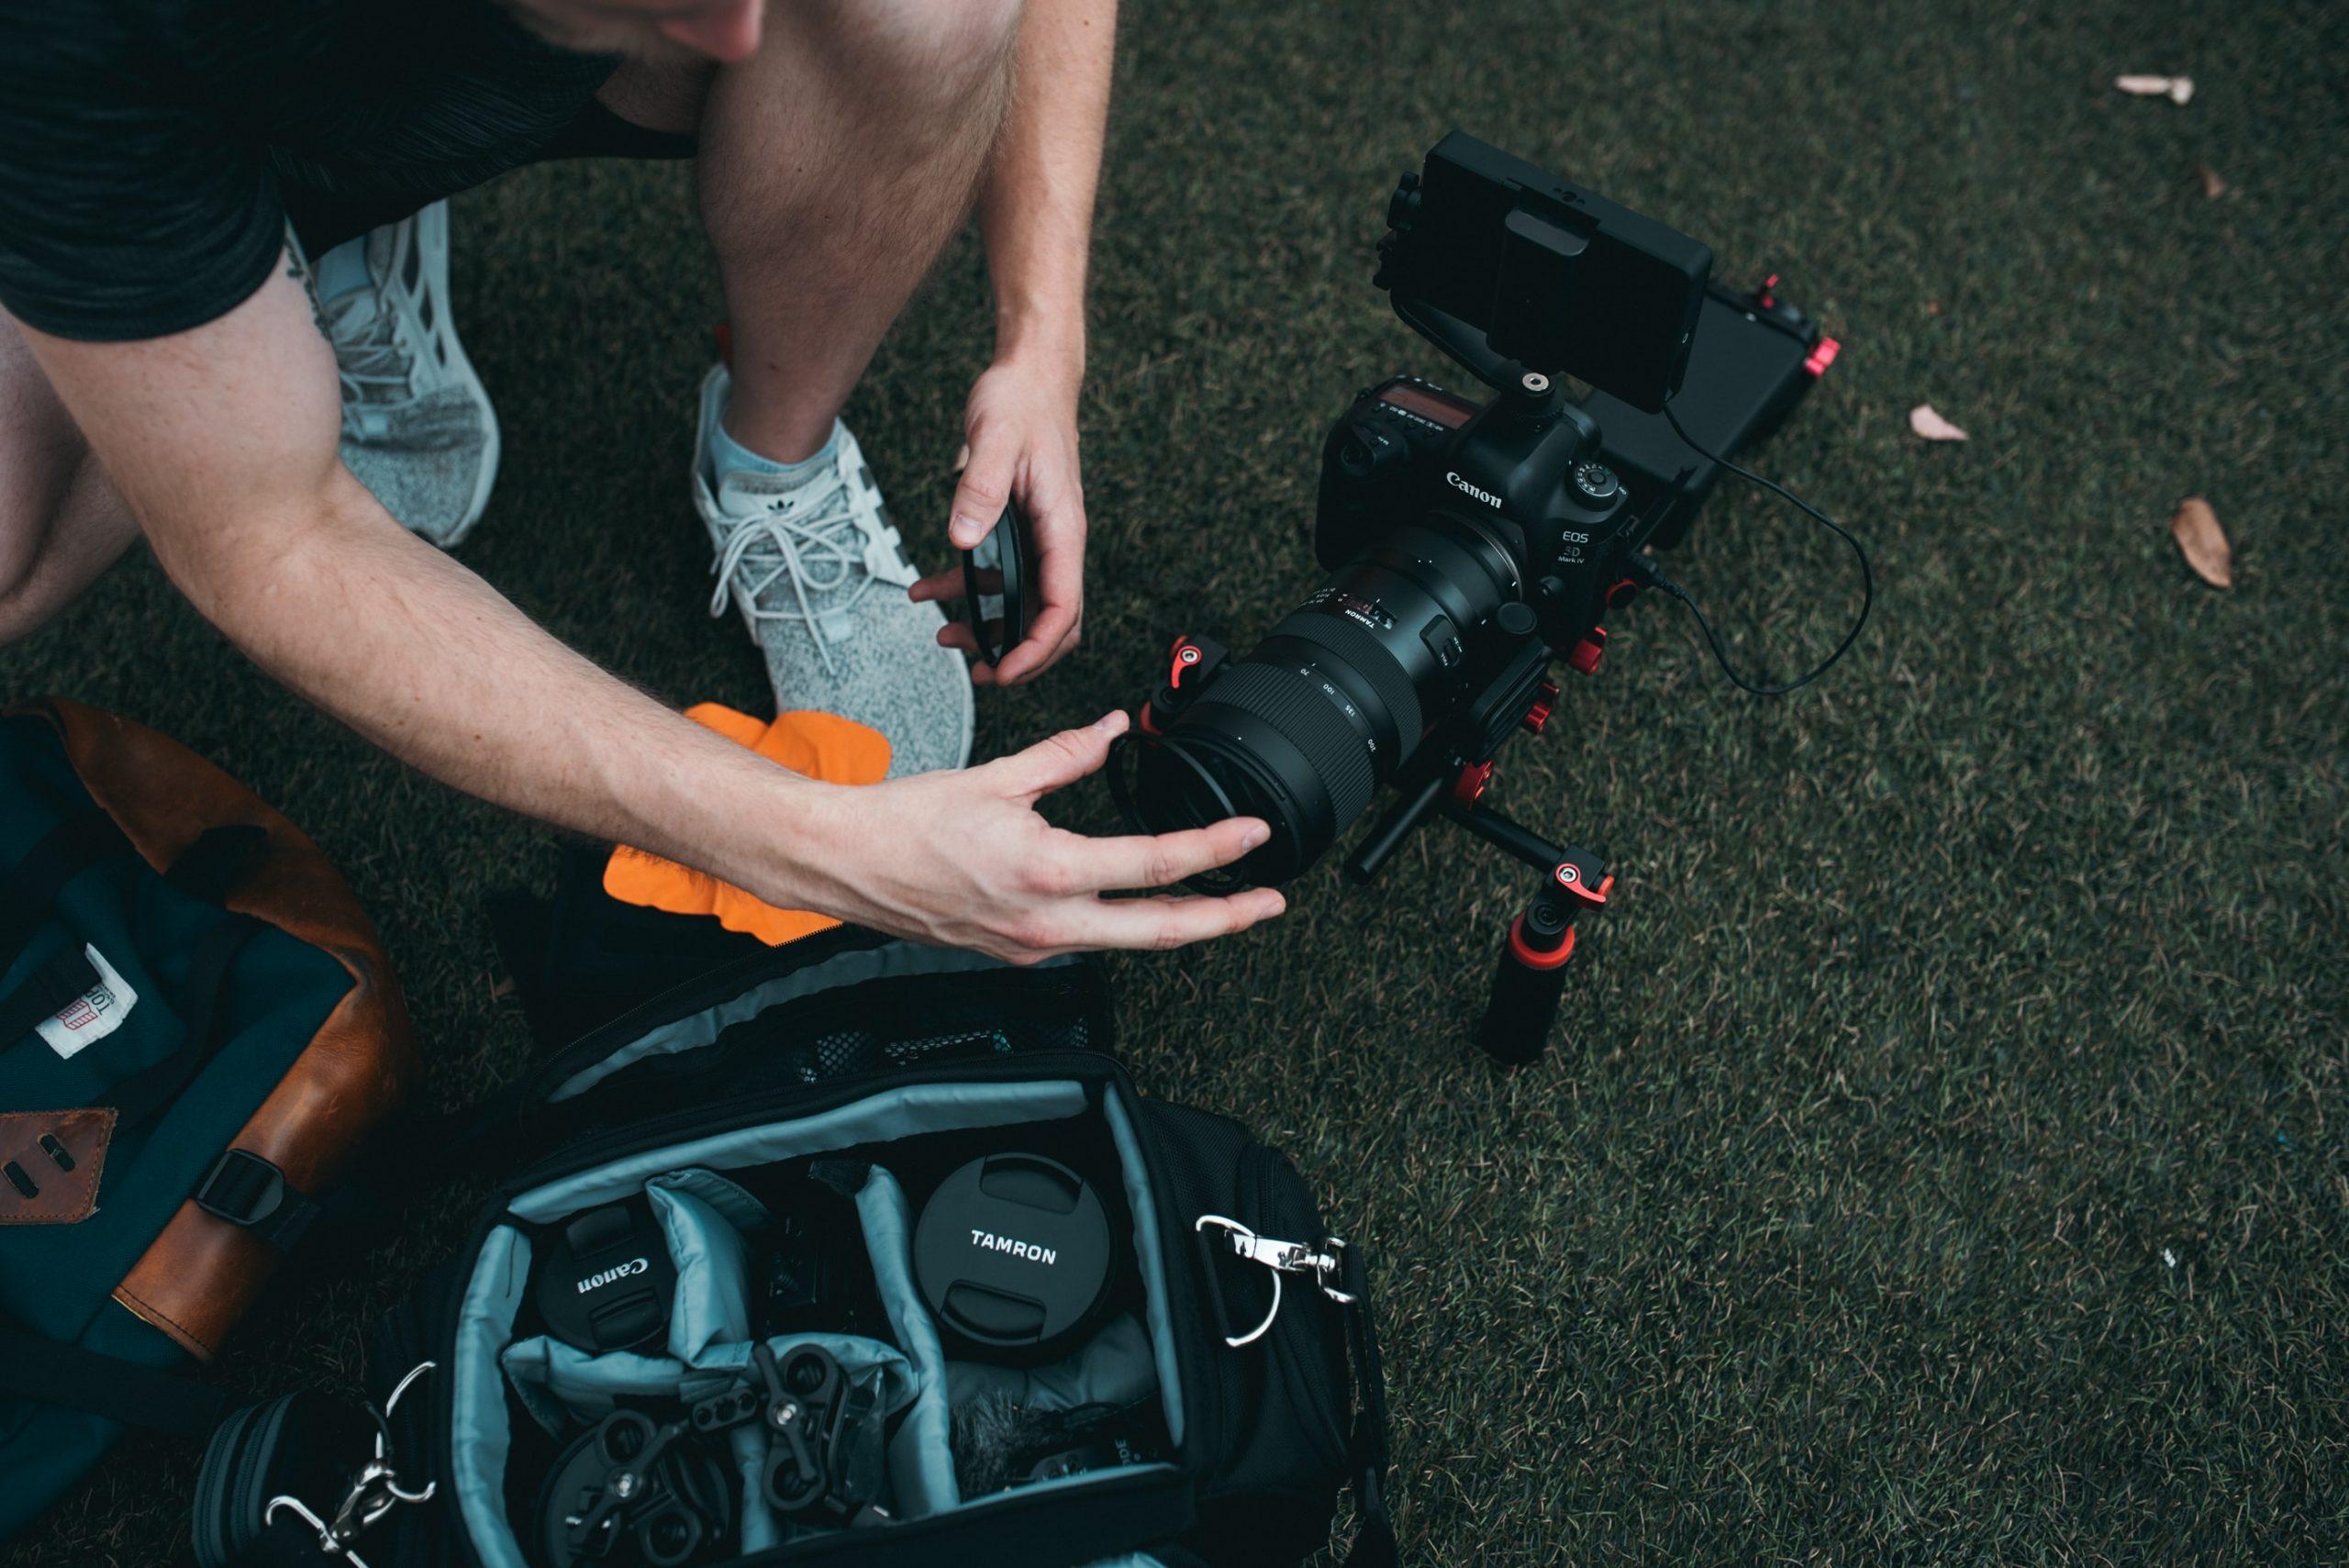 Persona cargando riñnera con equipo de fotografia